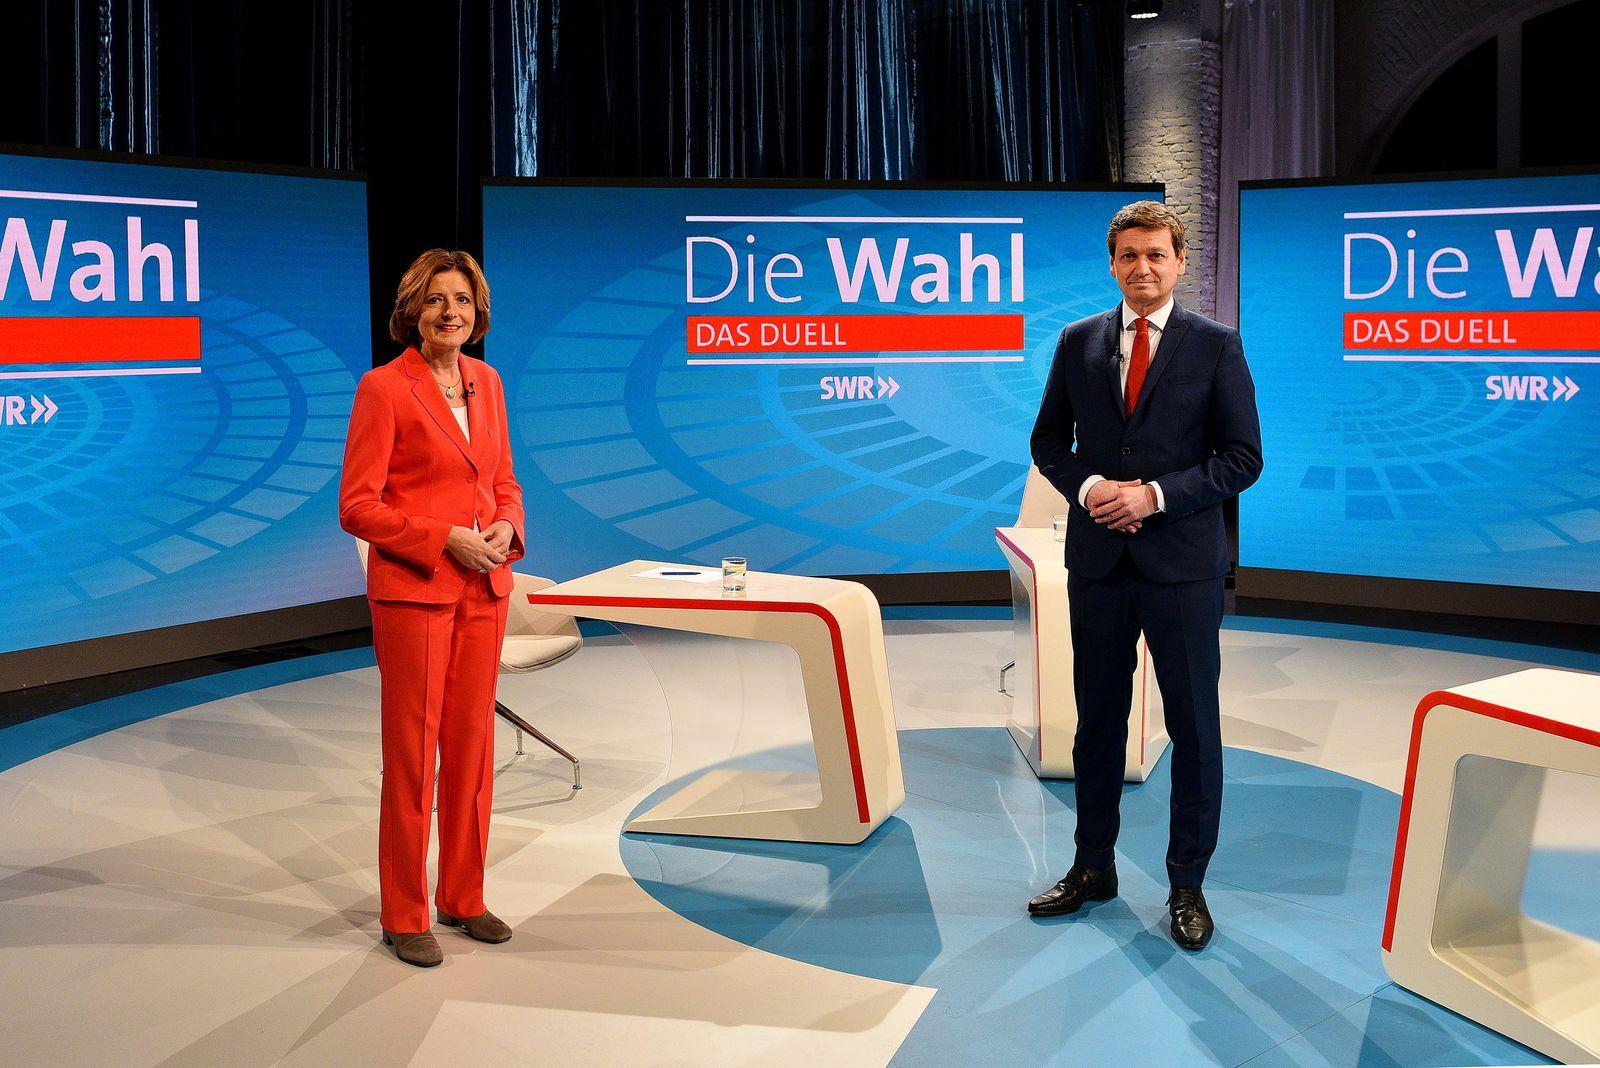 SWR Fernsehen - Duell Baldauf gegen Dreyer